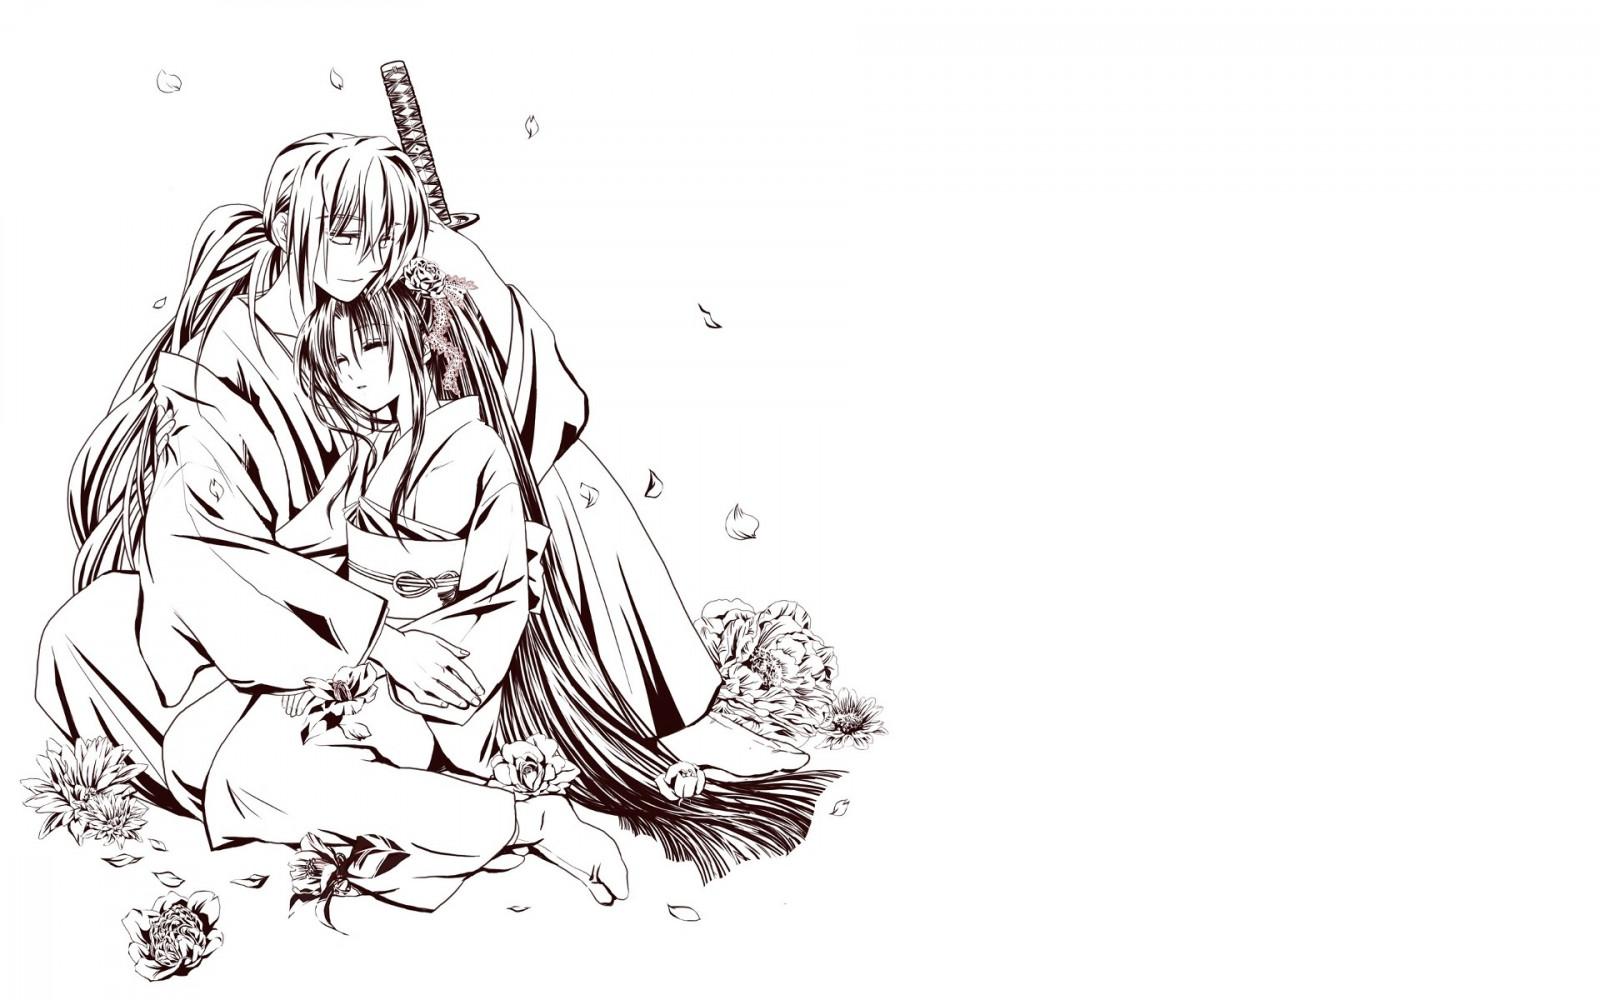 Wallpaper Ilustrasi Garis Seni Gambar Kartun Pedang Anak